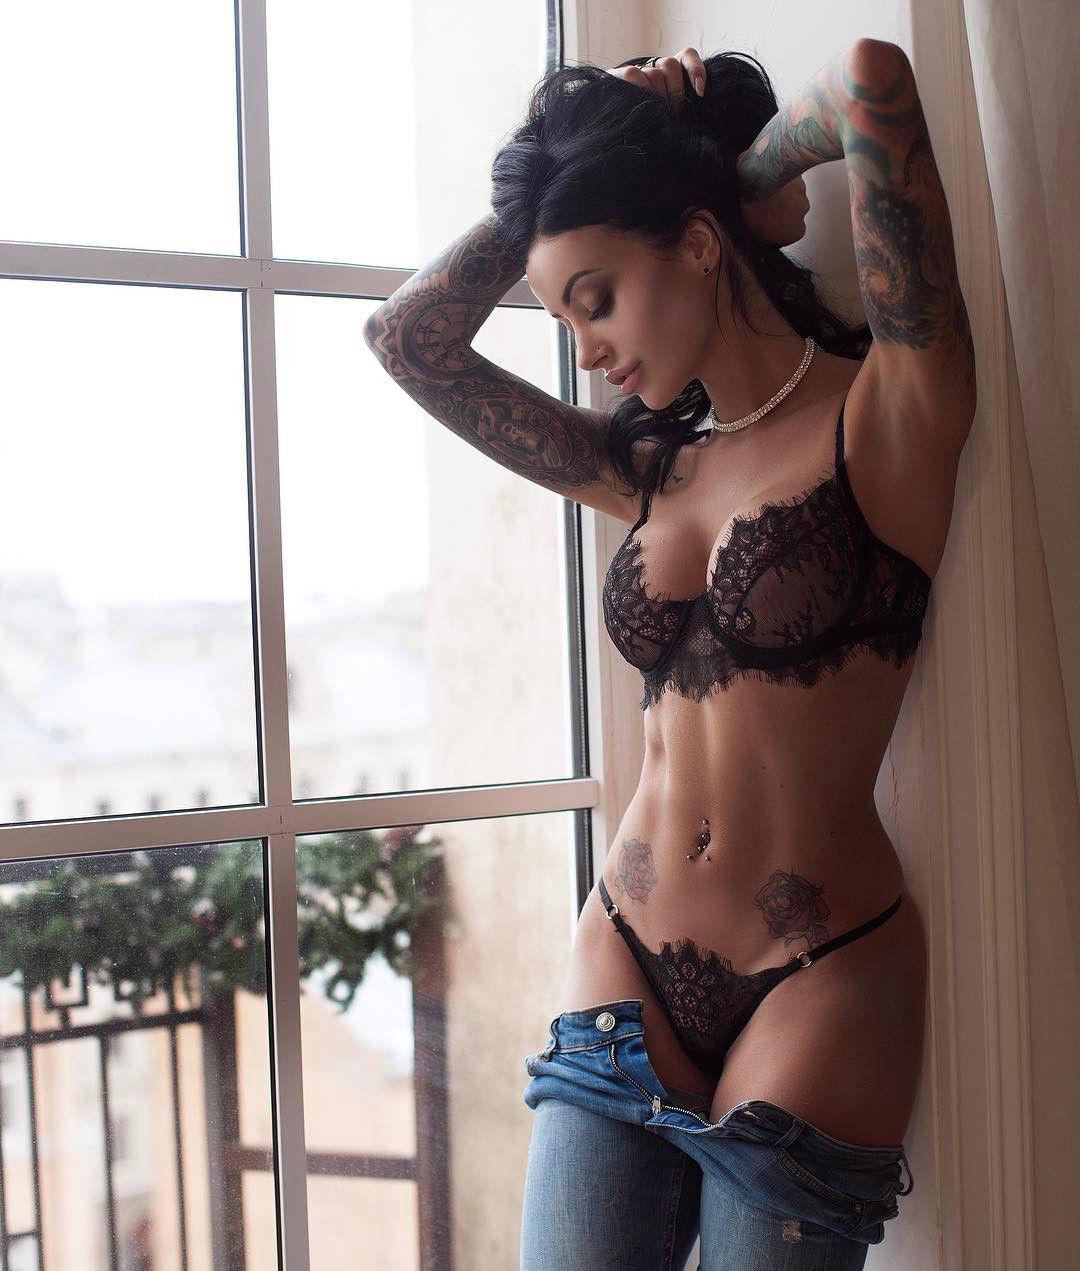 Frauen Sexy Spitze Set Aushöhlen Exotische Bh G-String Tanga Elegante Unterwäsche Extreme Nachtwäsche Lenceria Femenina Neue Heiße